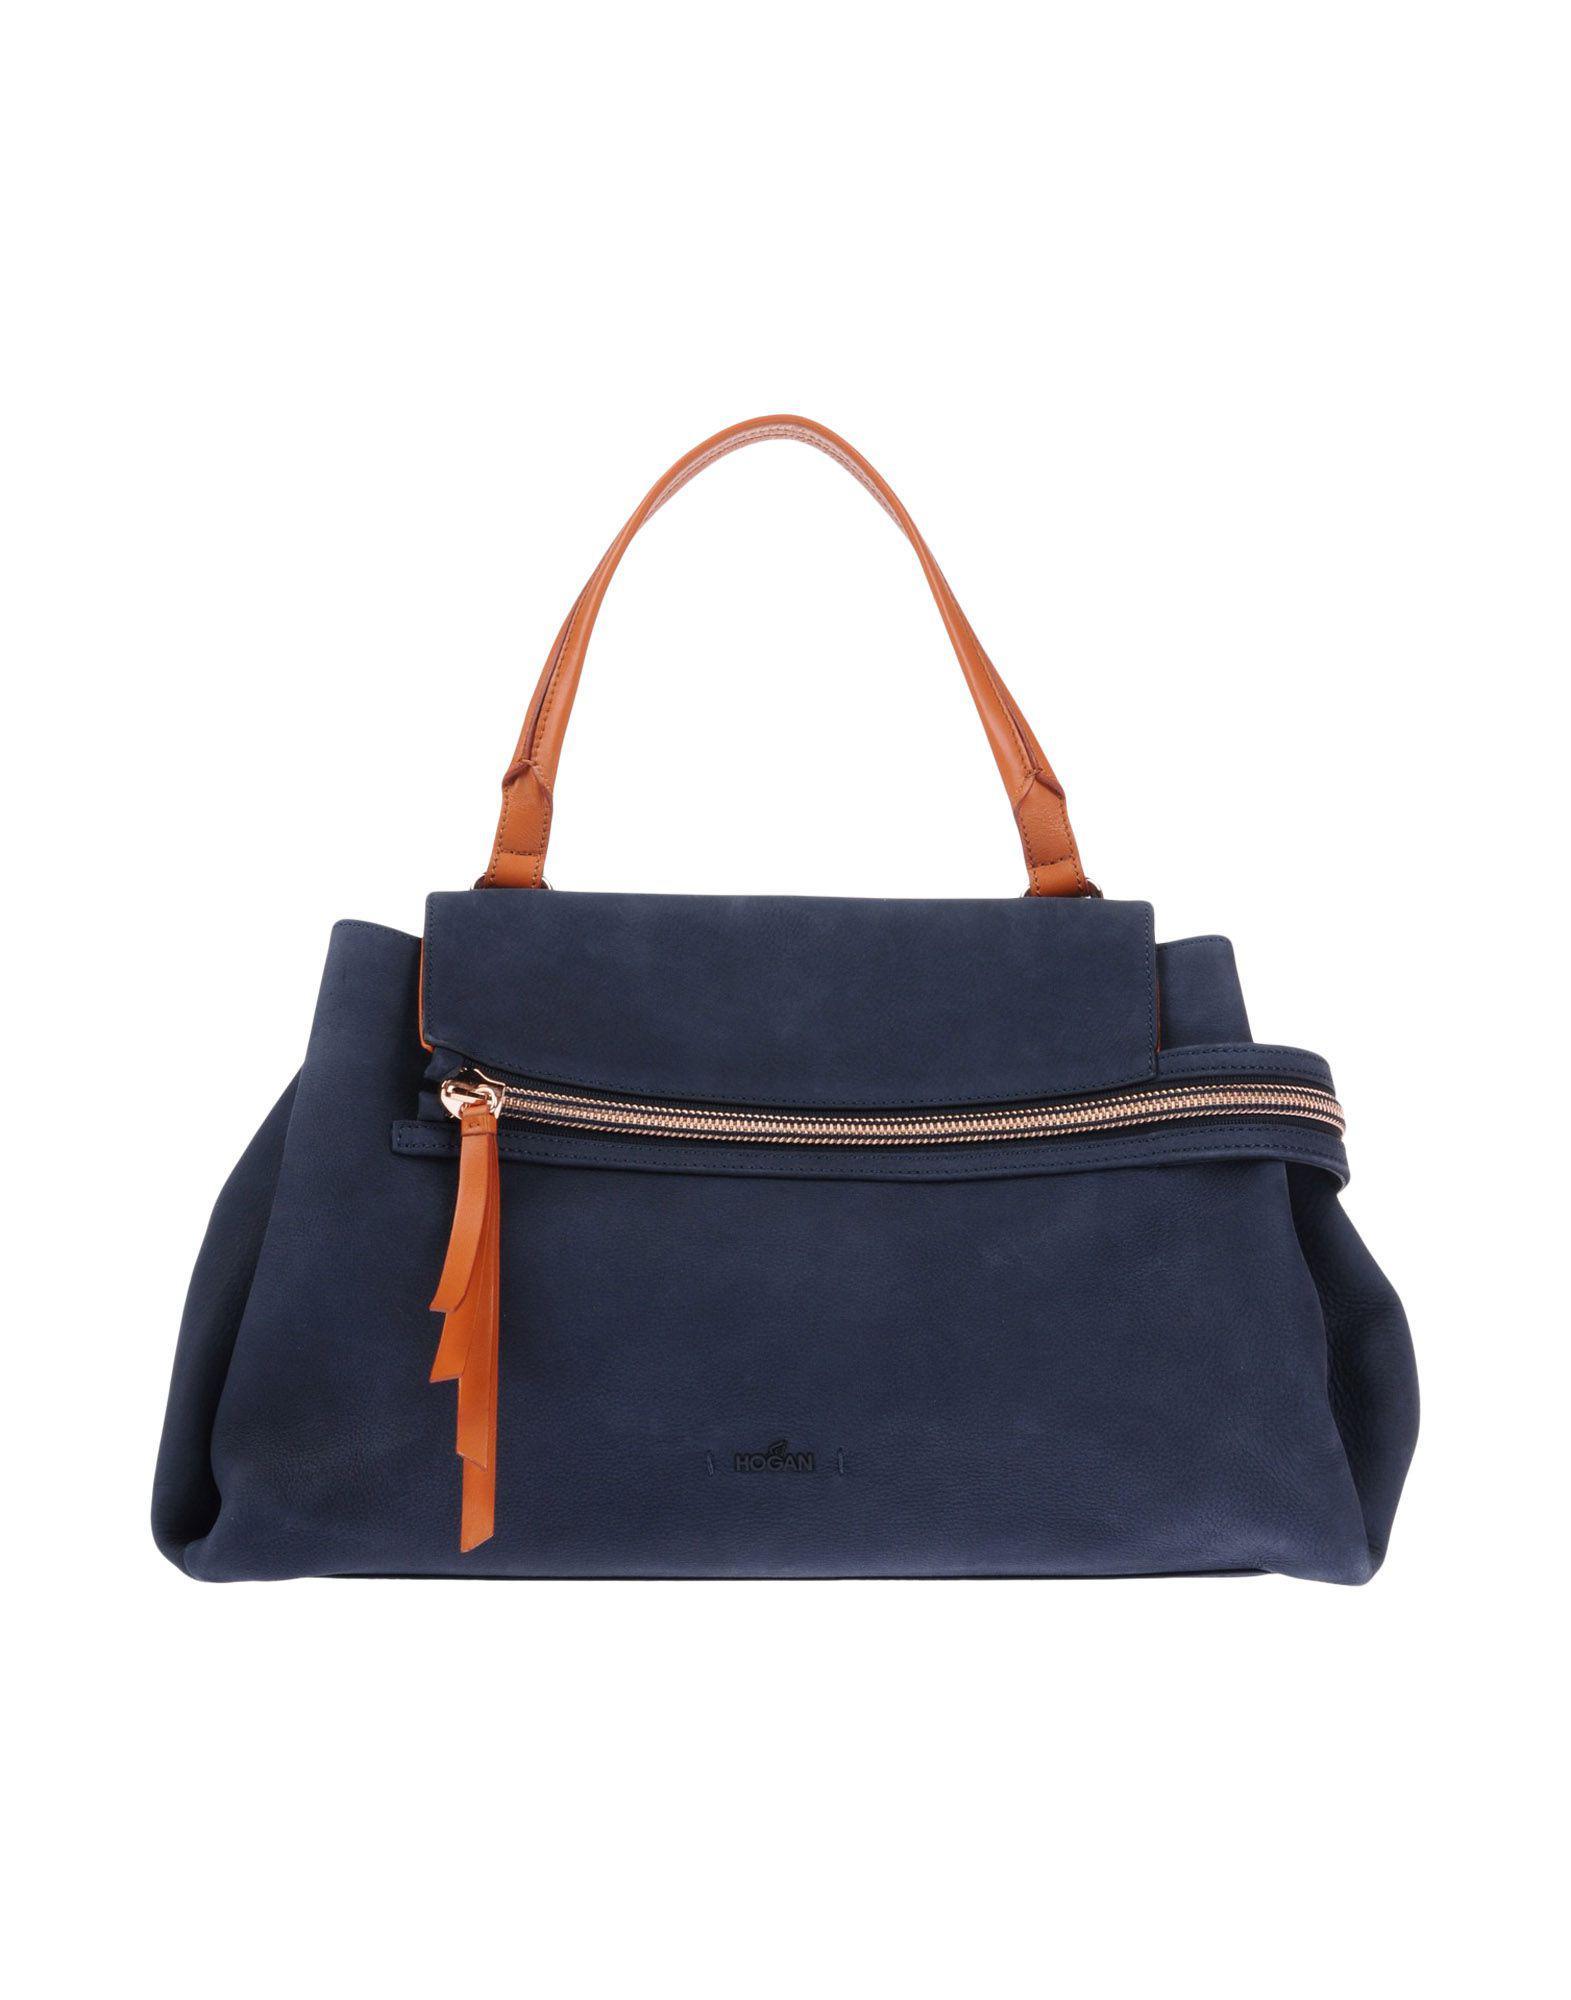 72326467b88 Lyst - Hogan Handbag in Blue